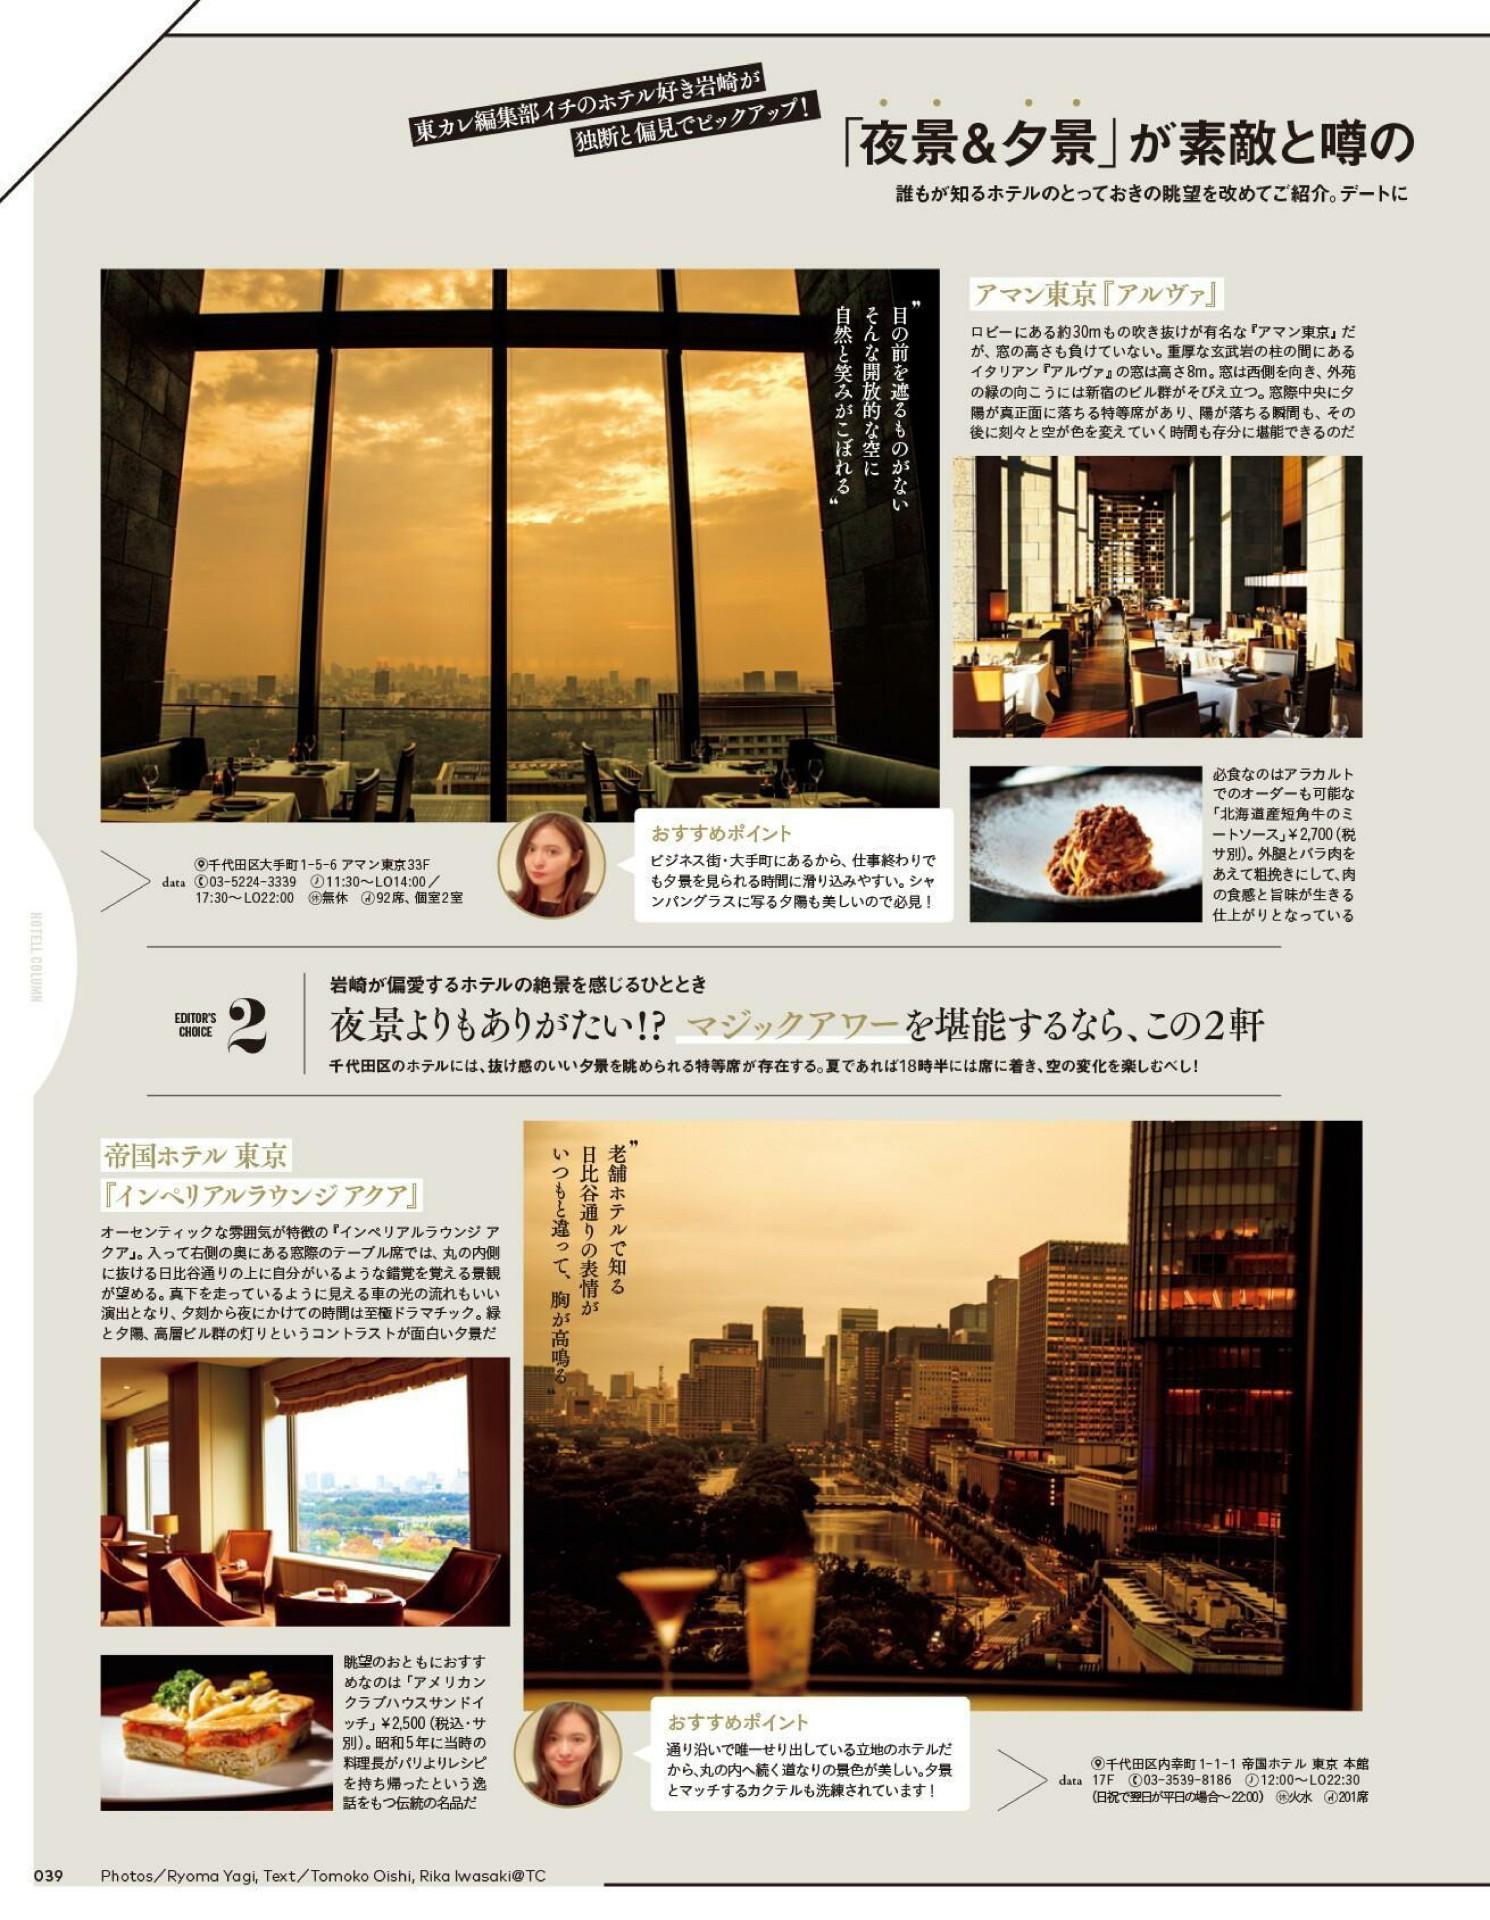 Tokyo Calendar 2020-09_imgs-0039